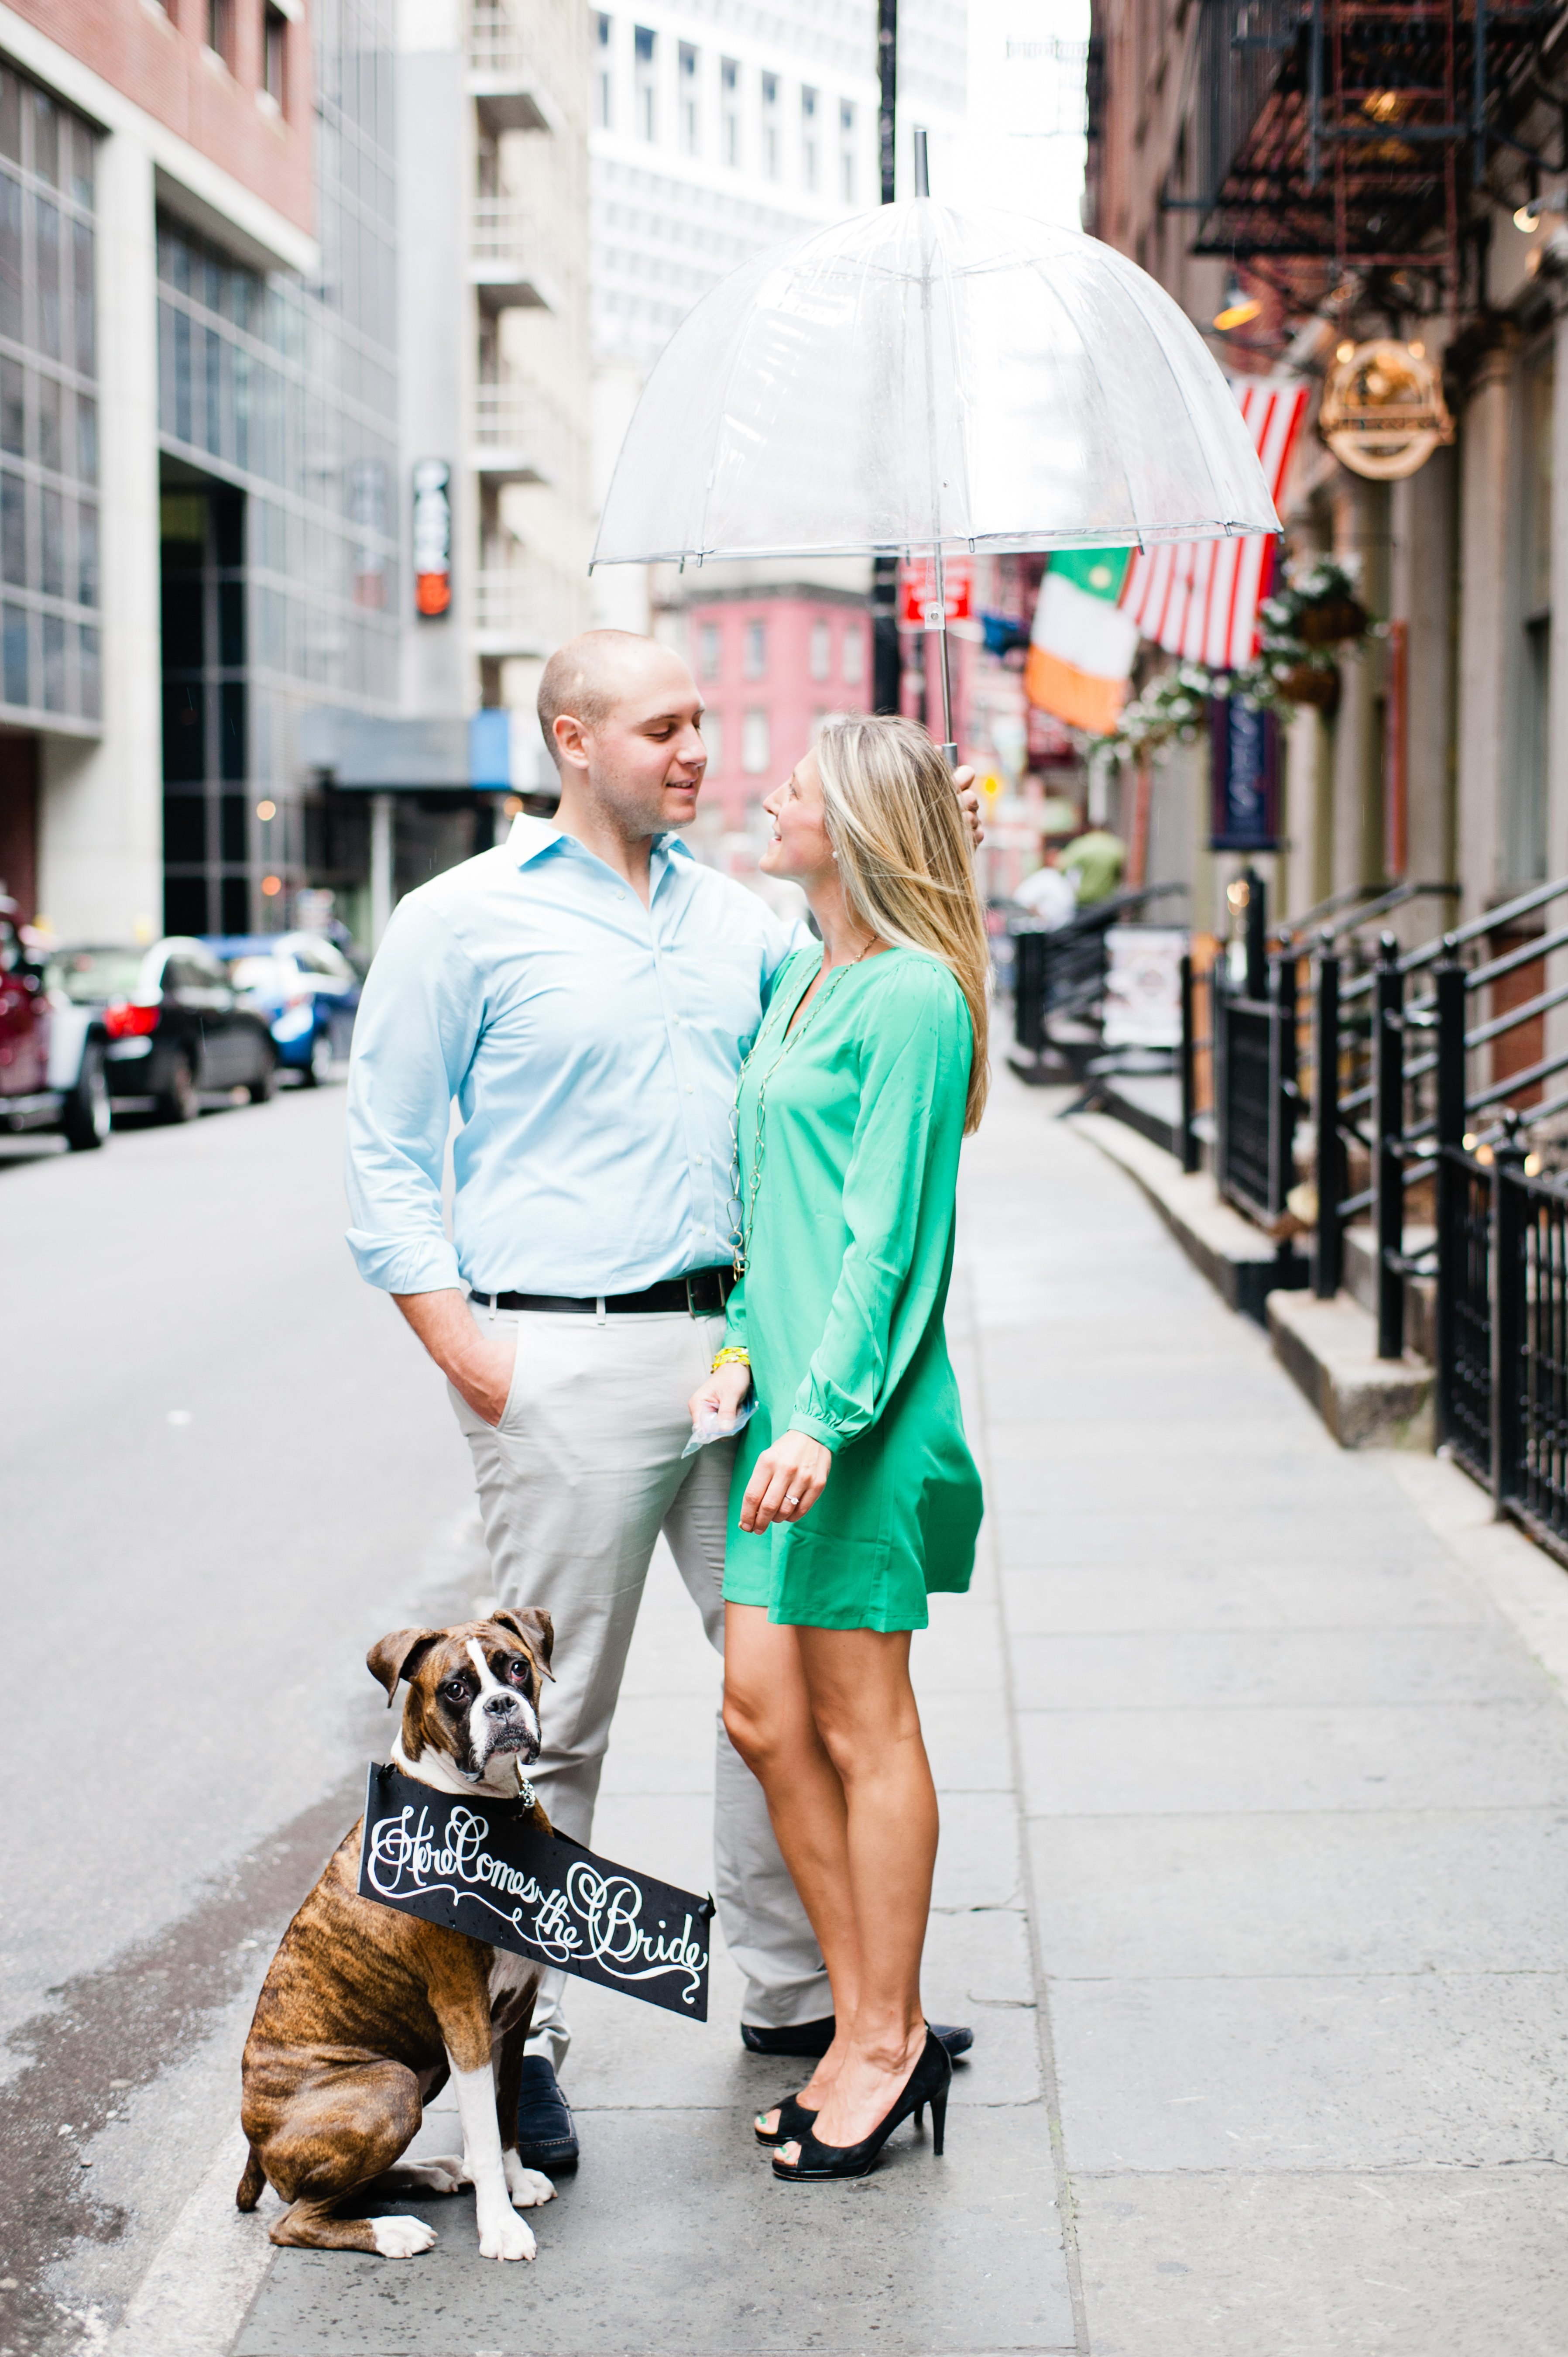 NYC-wedding-photography-leila-brewster-11-3